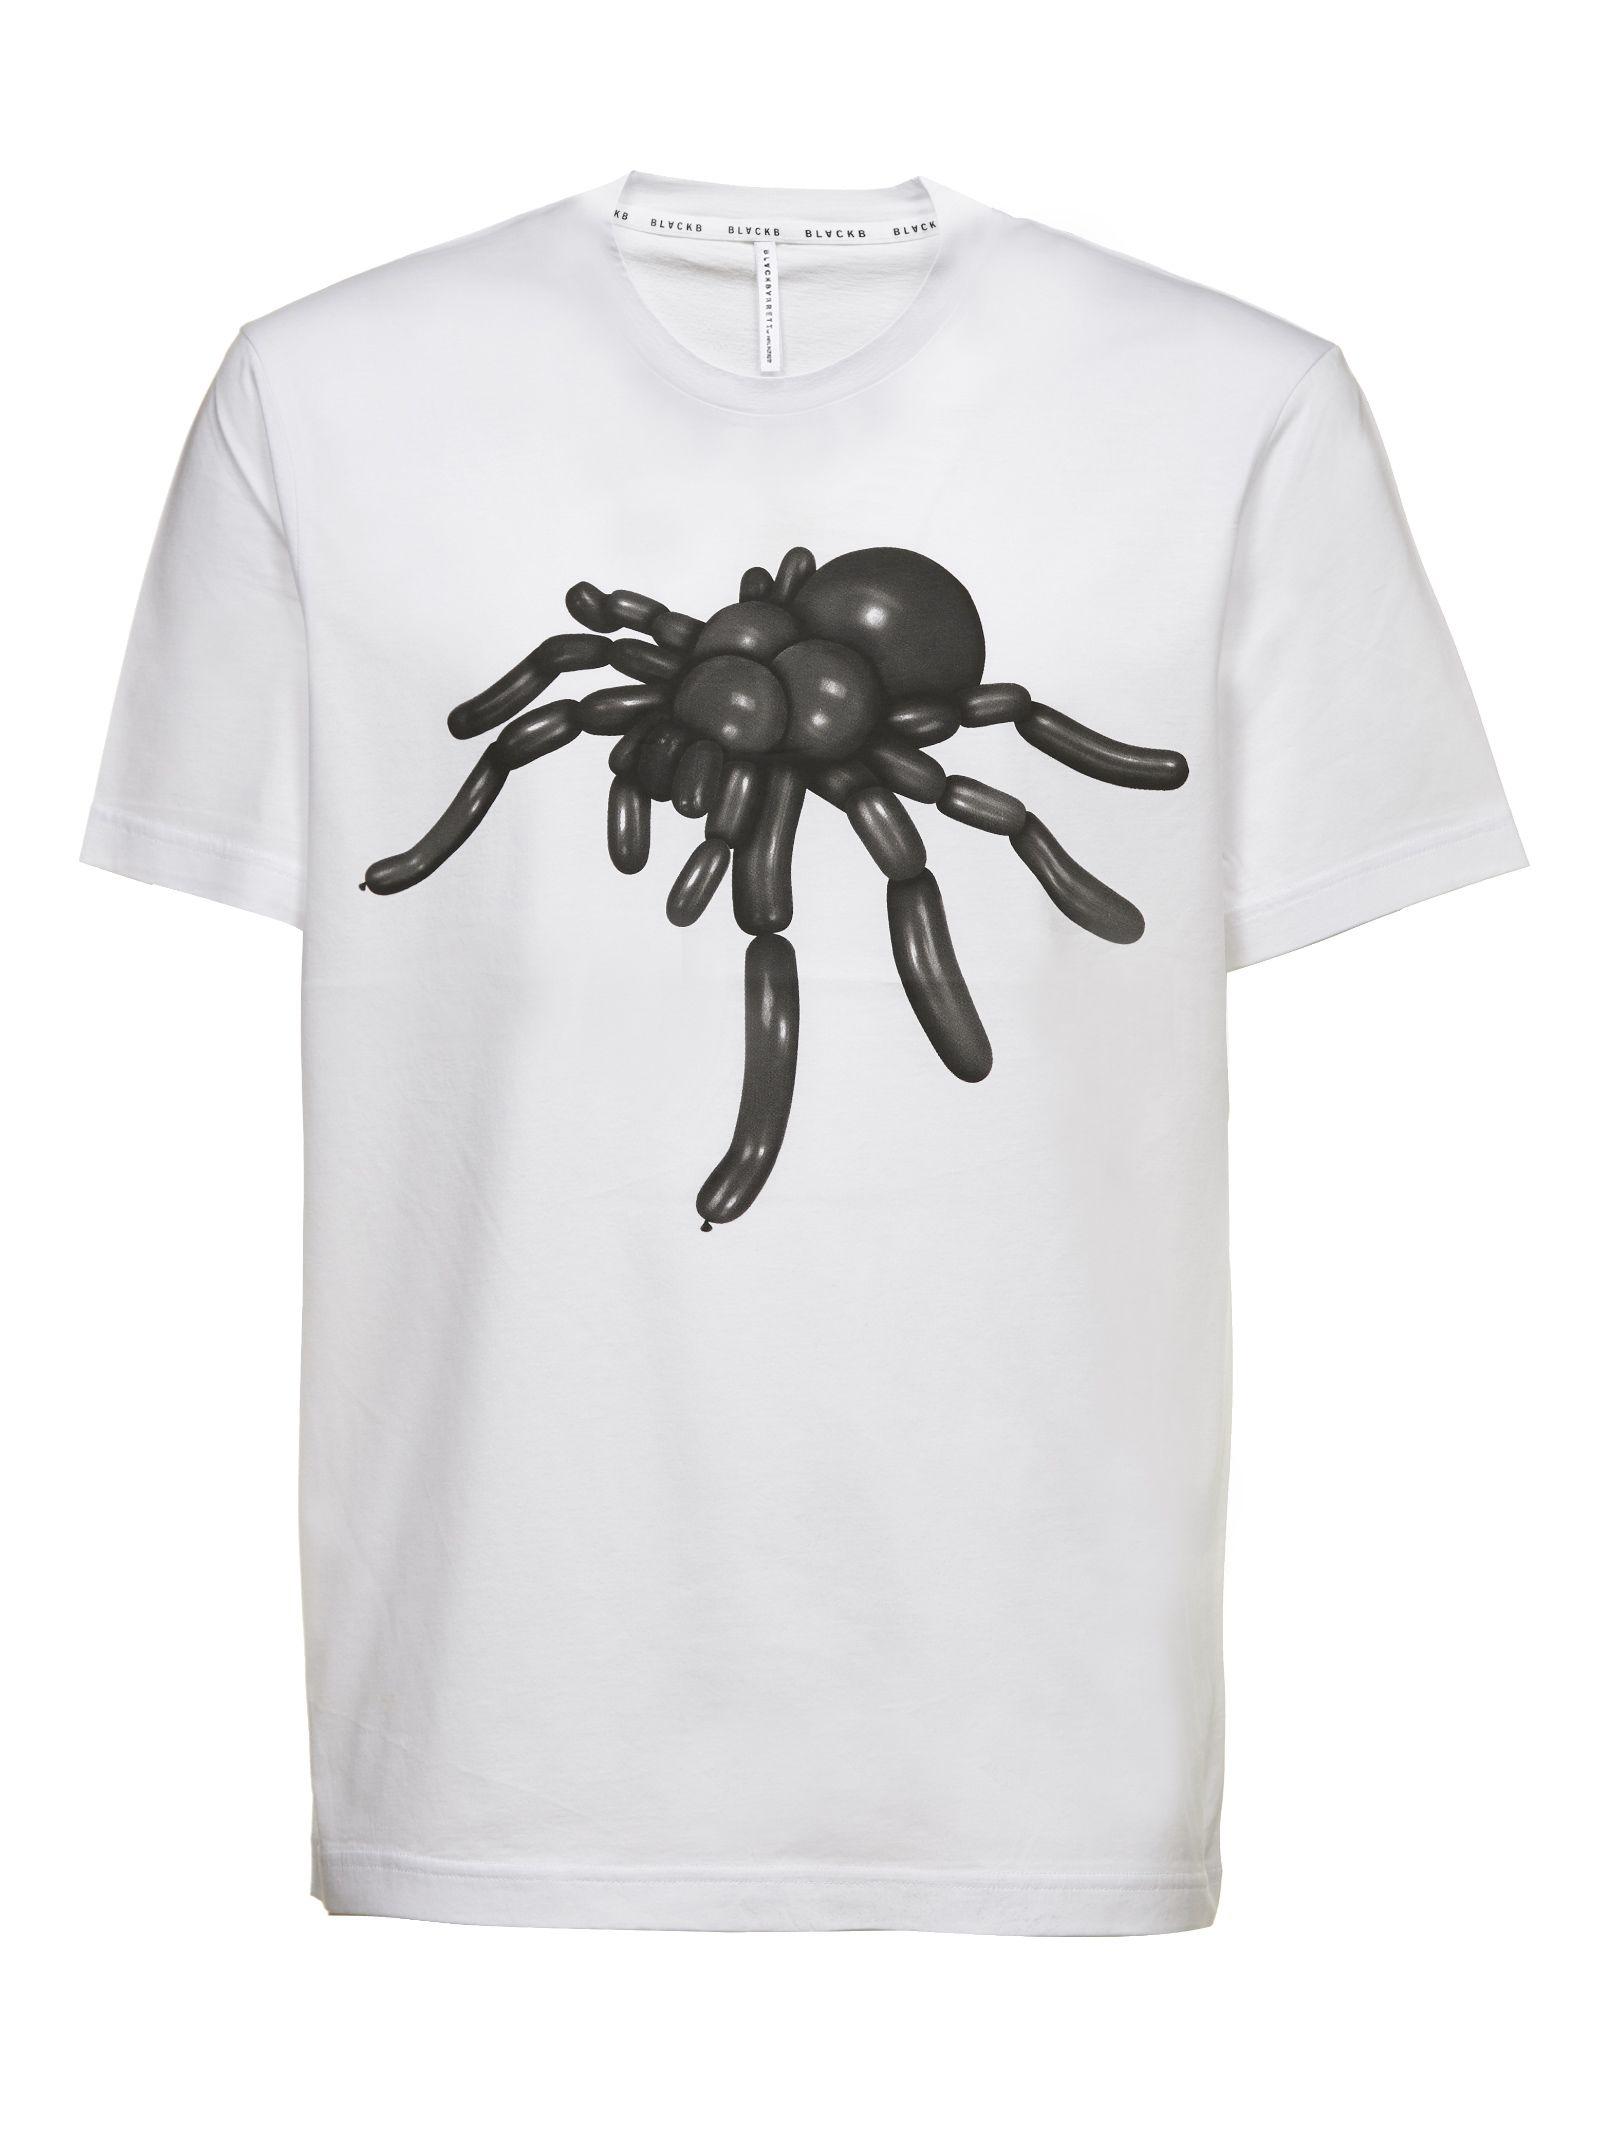 Black Barrett Spider Print T-shirt